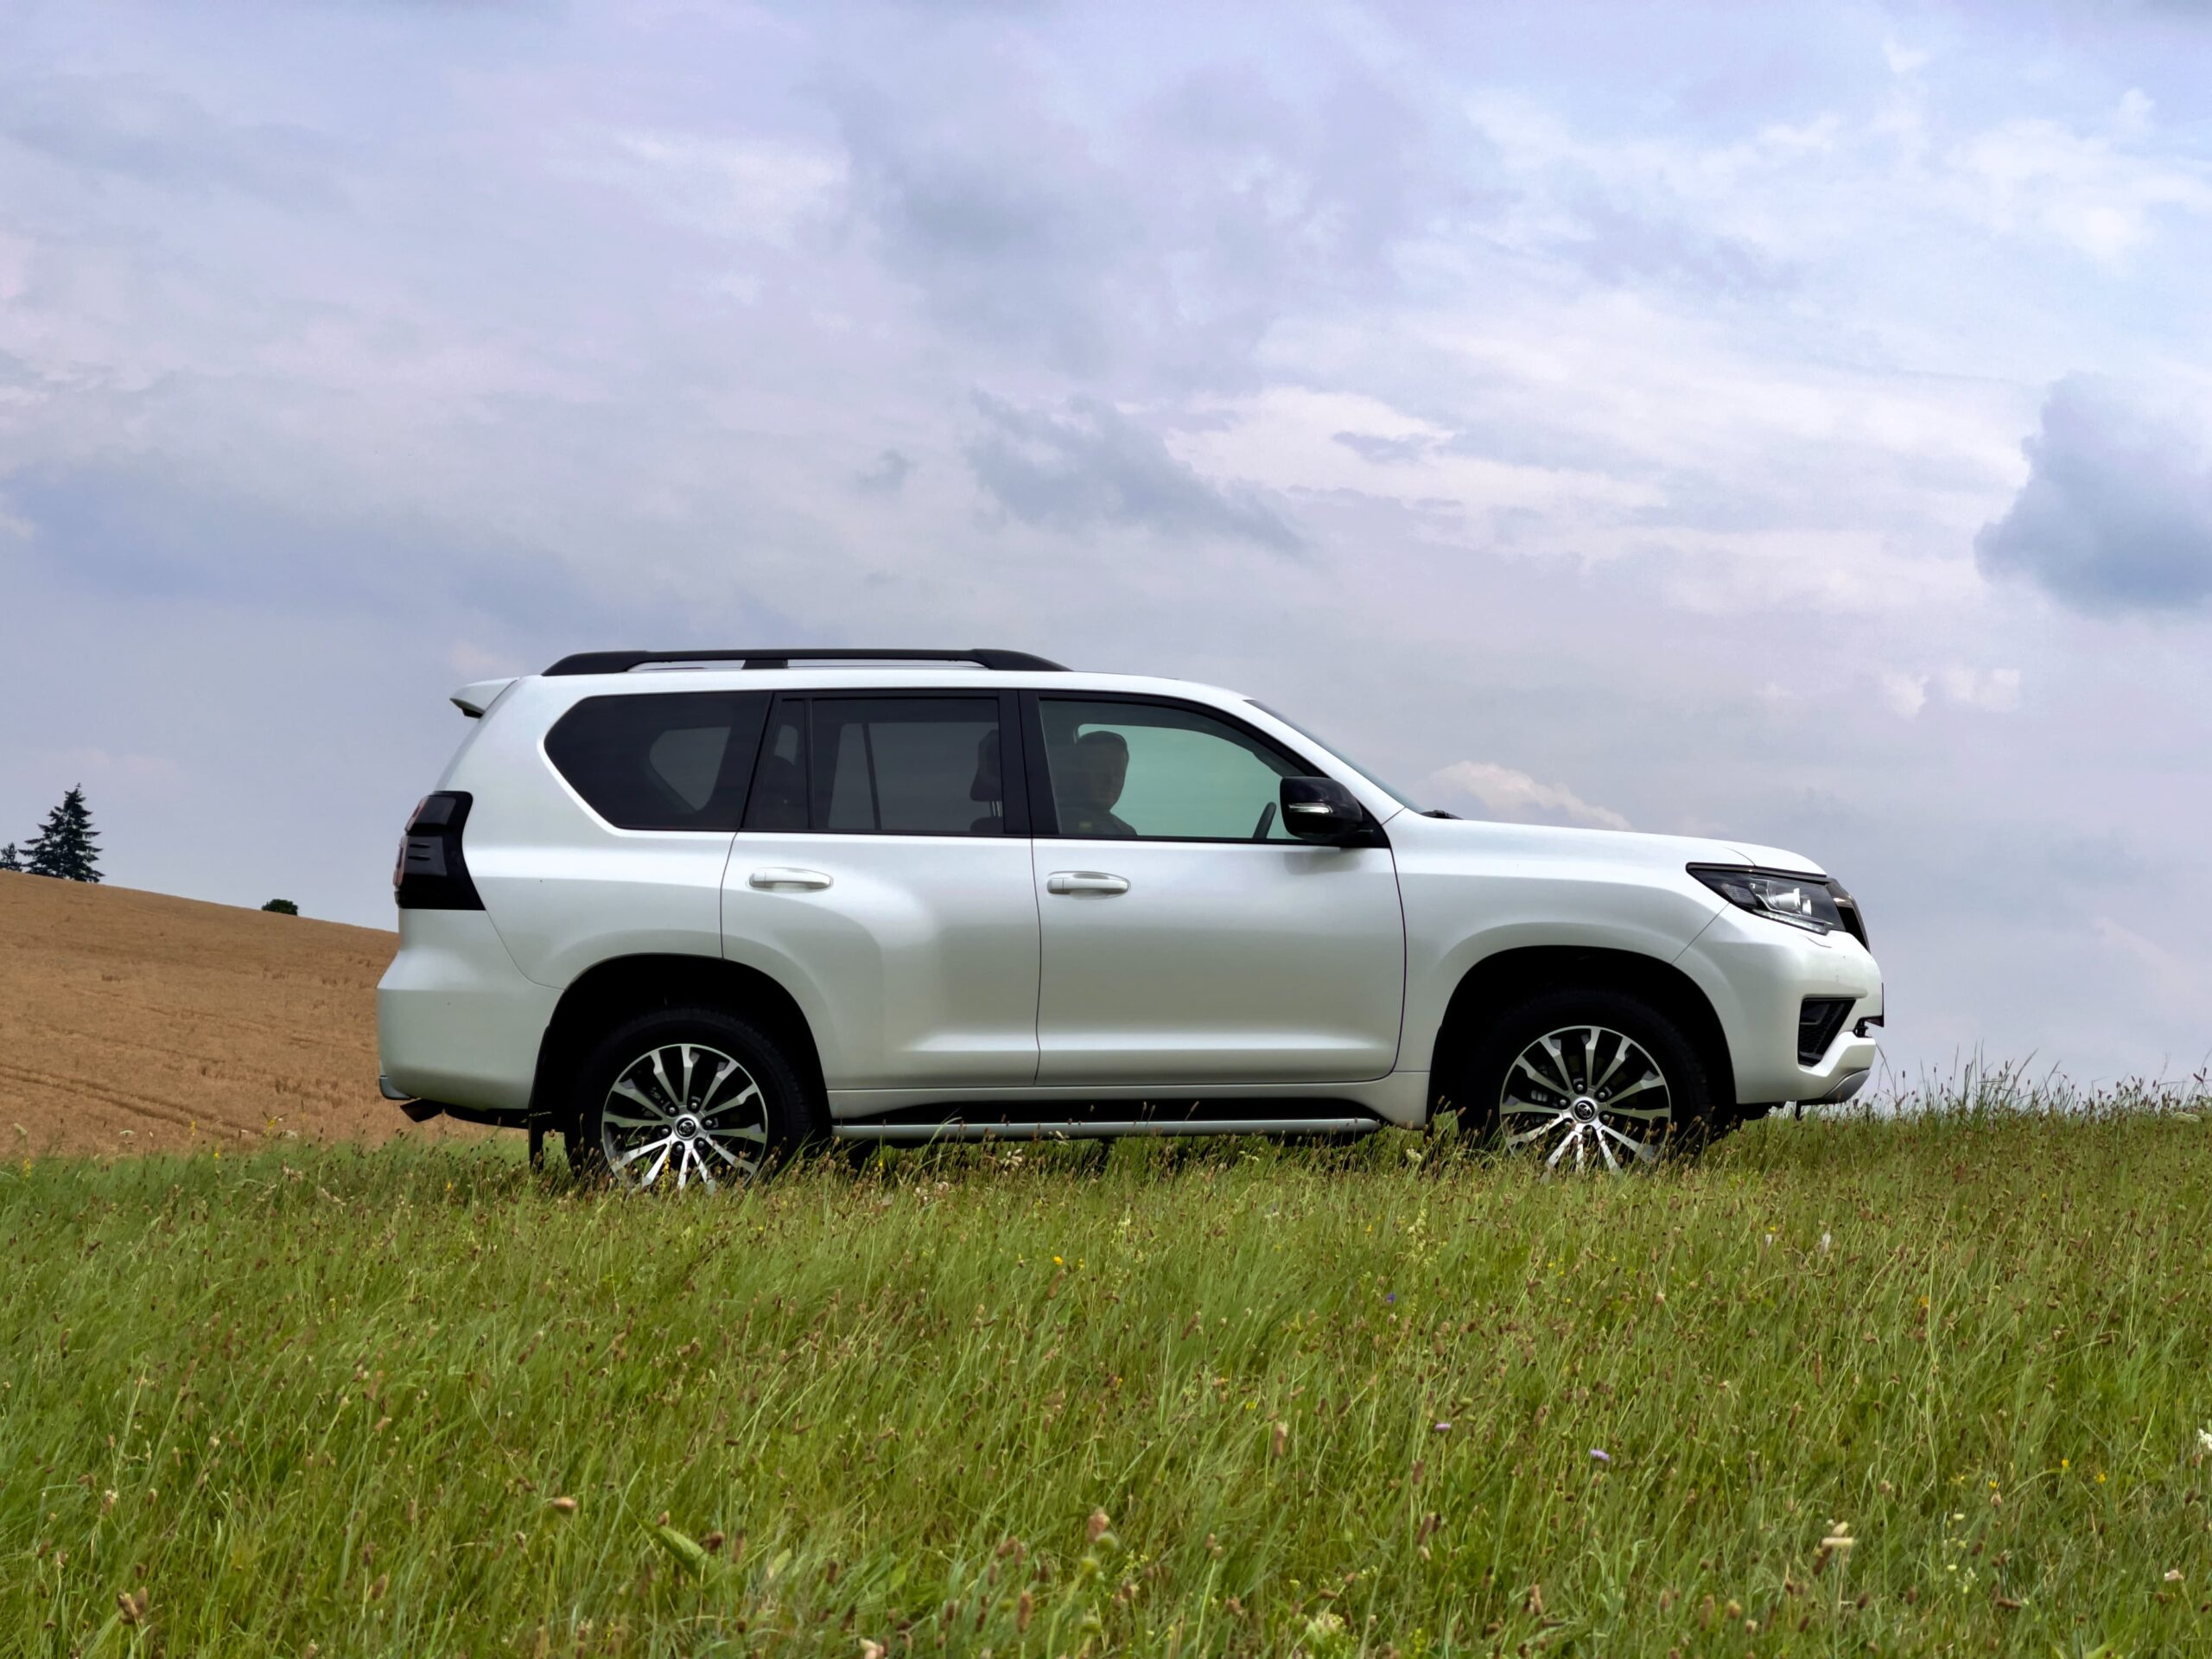 Toyota_Land_Cruiser_exterier_3